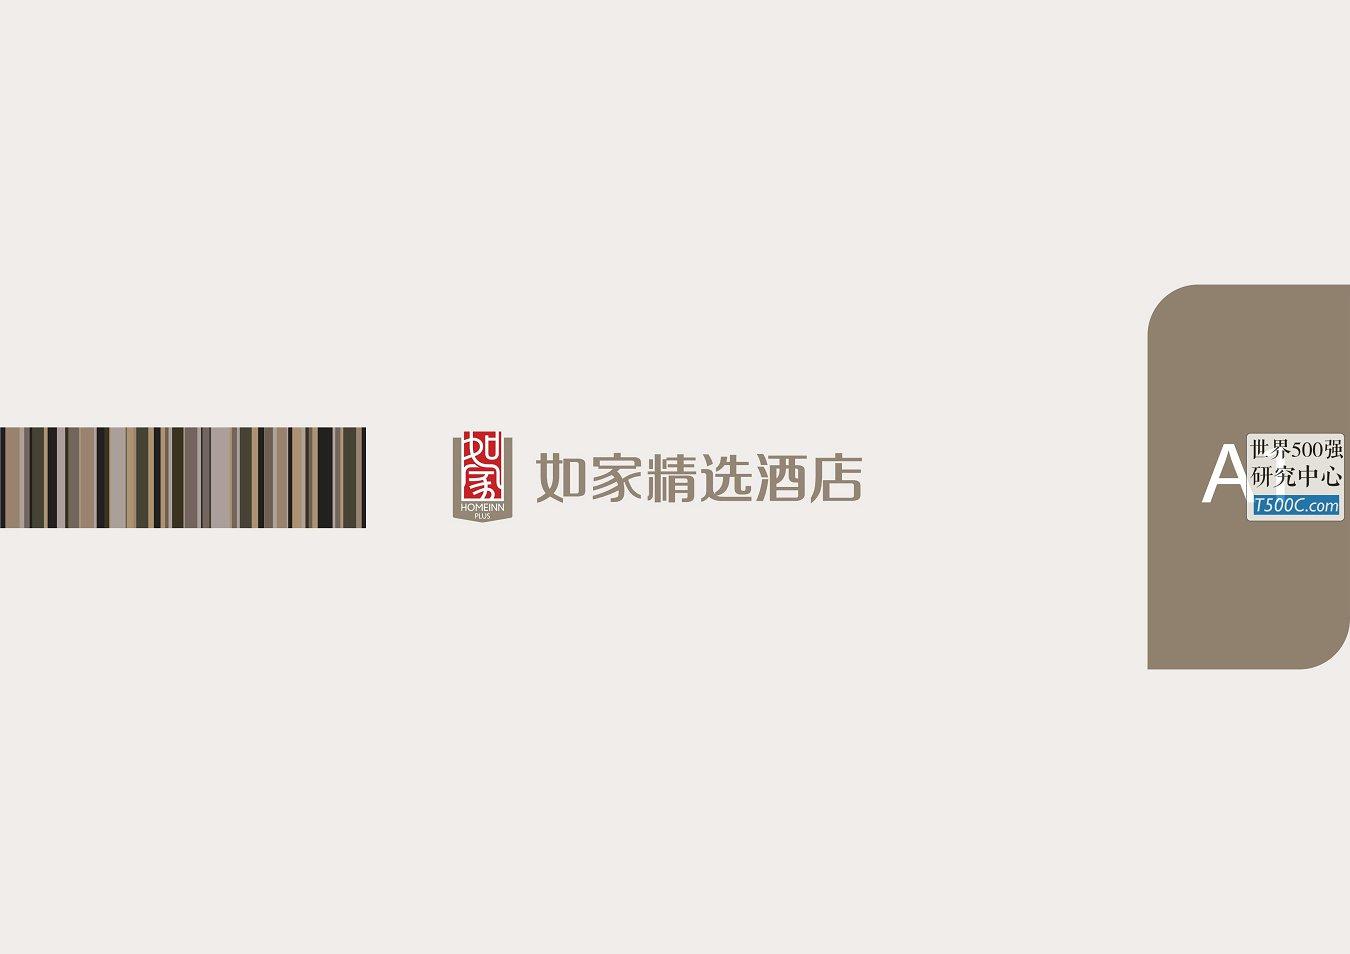 如家精选_品牌形象手册_t500c.com_VIS2017n